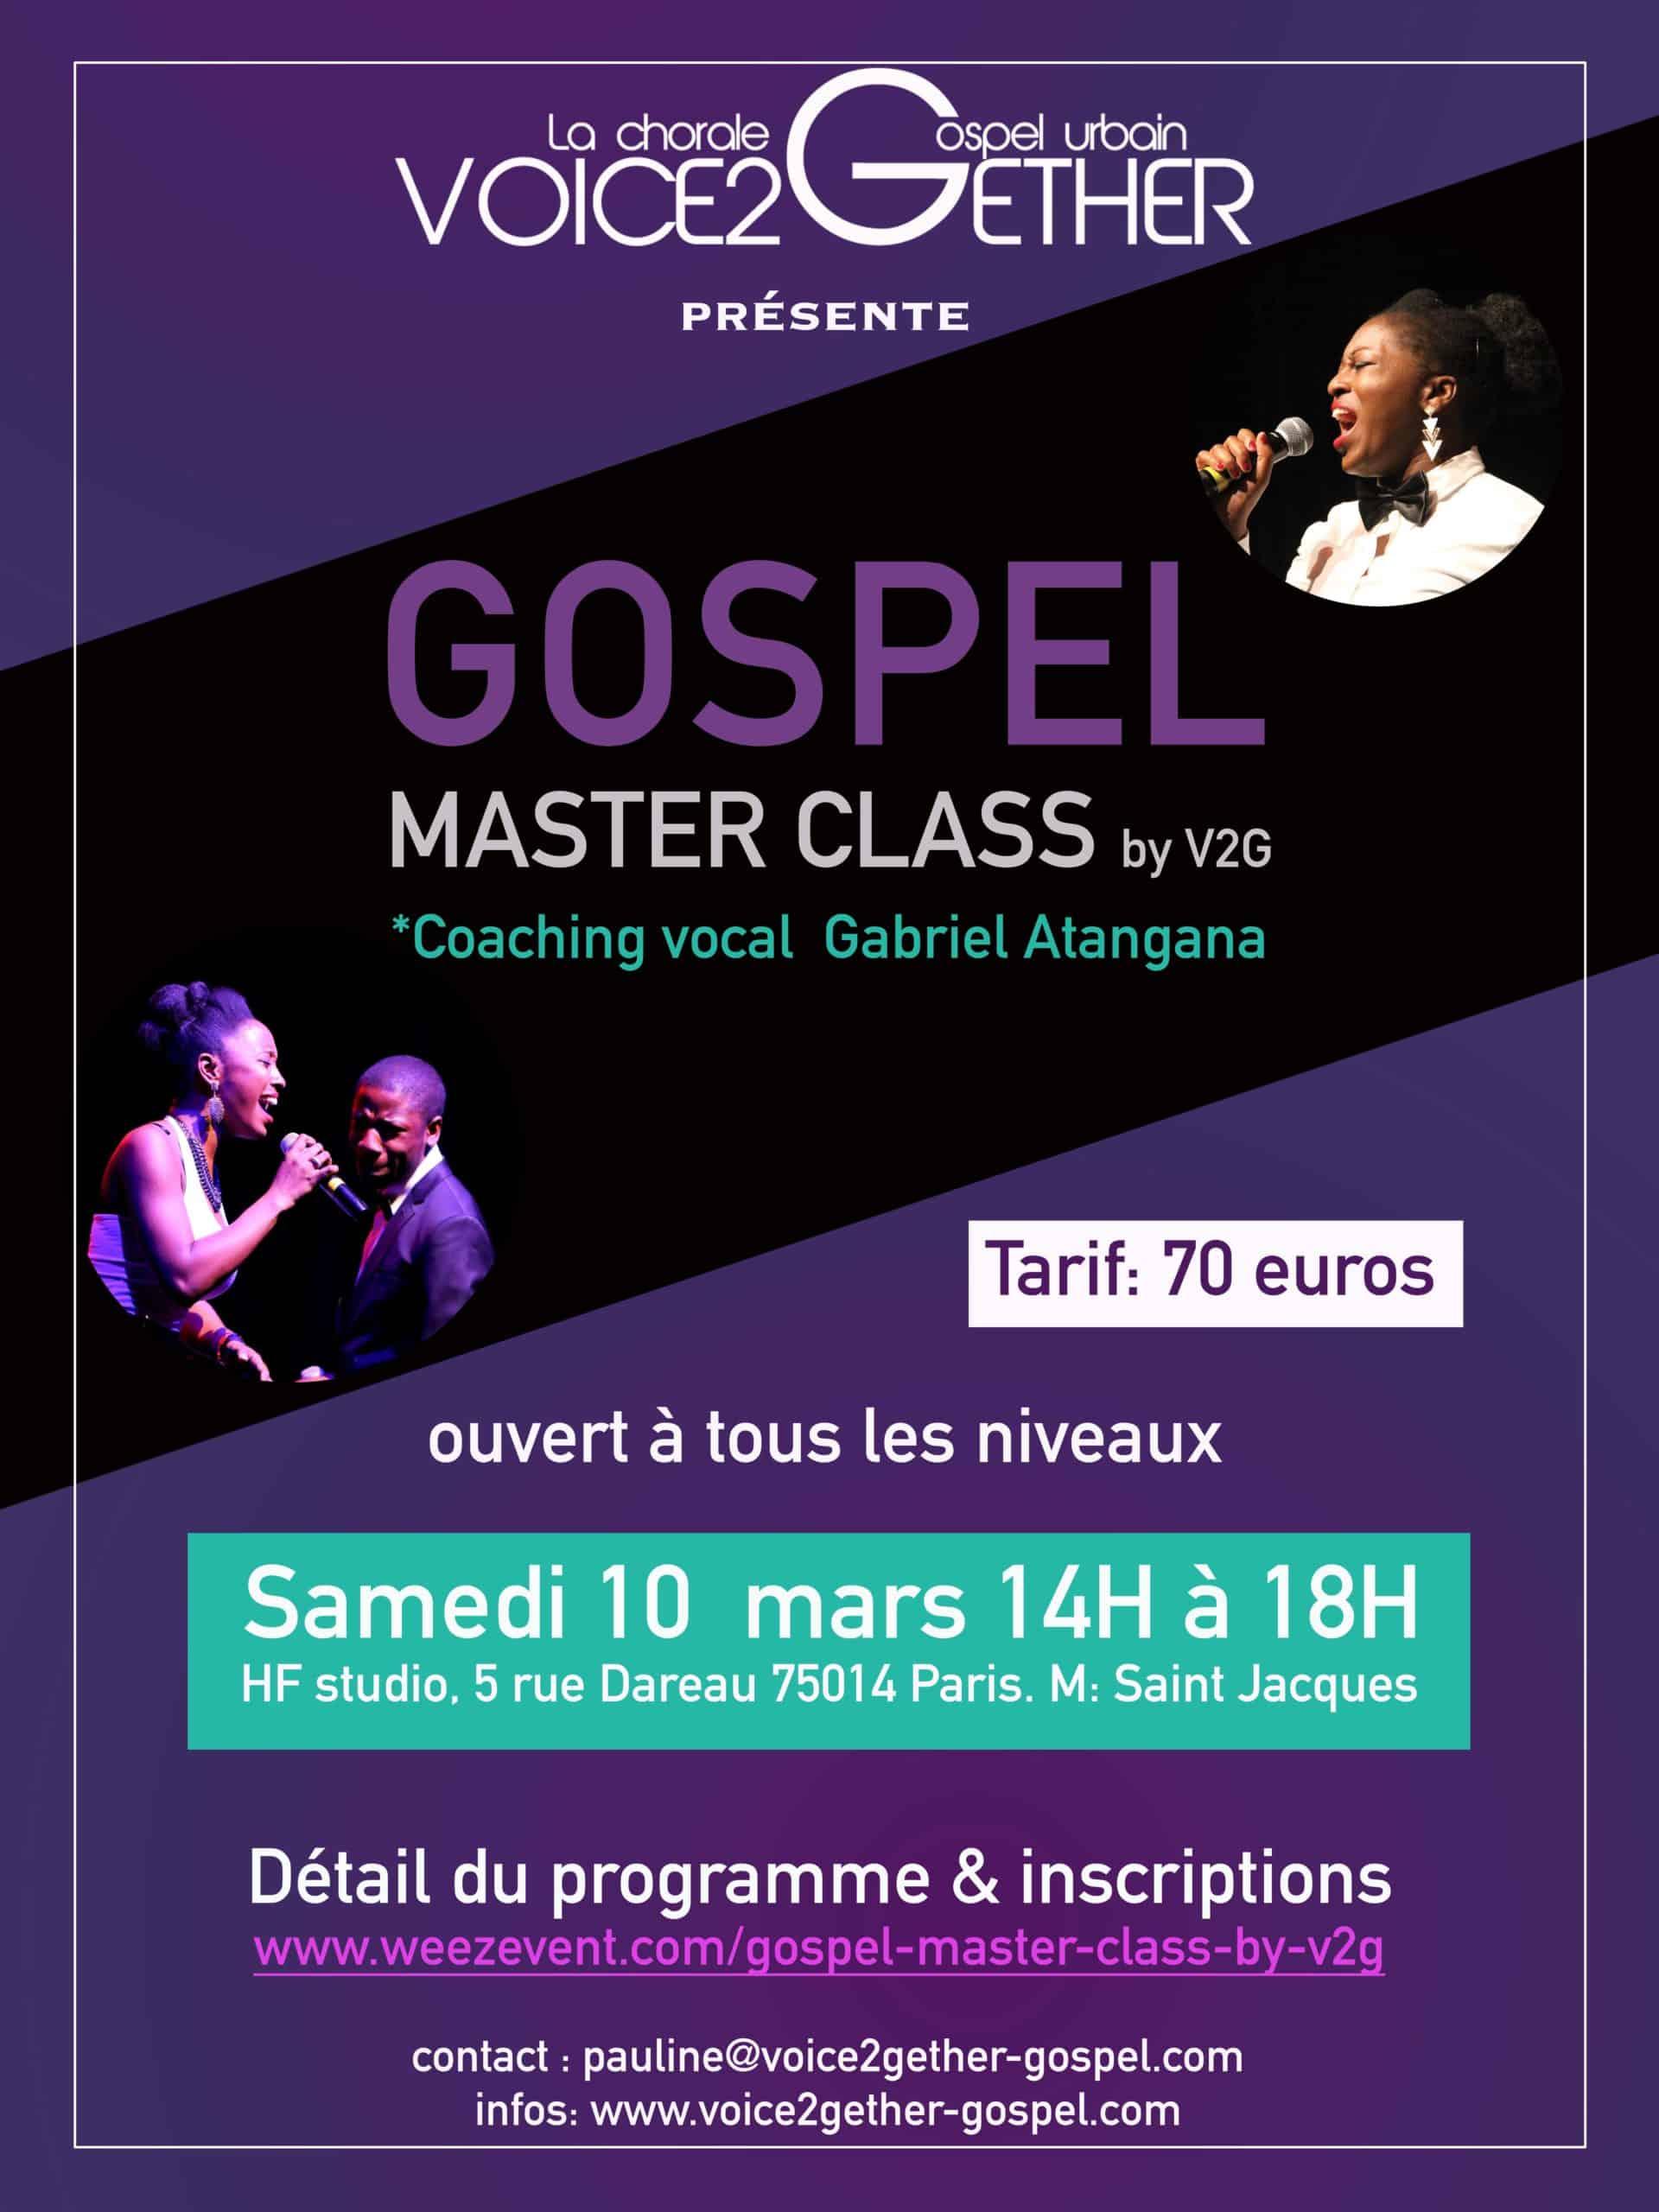 gospel master class by V2G